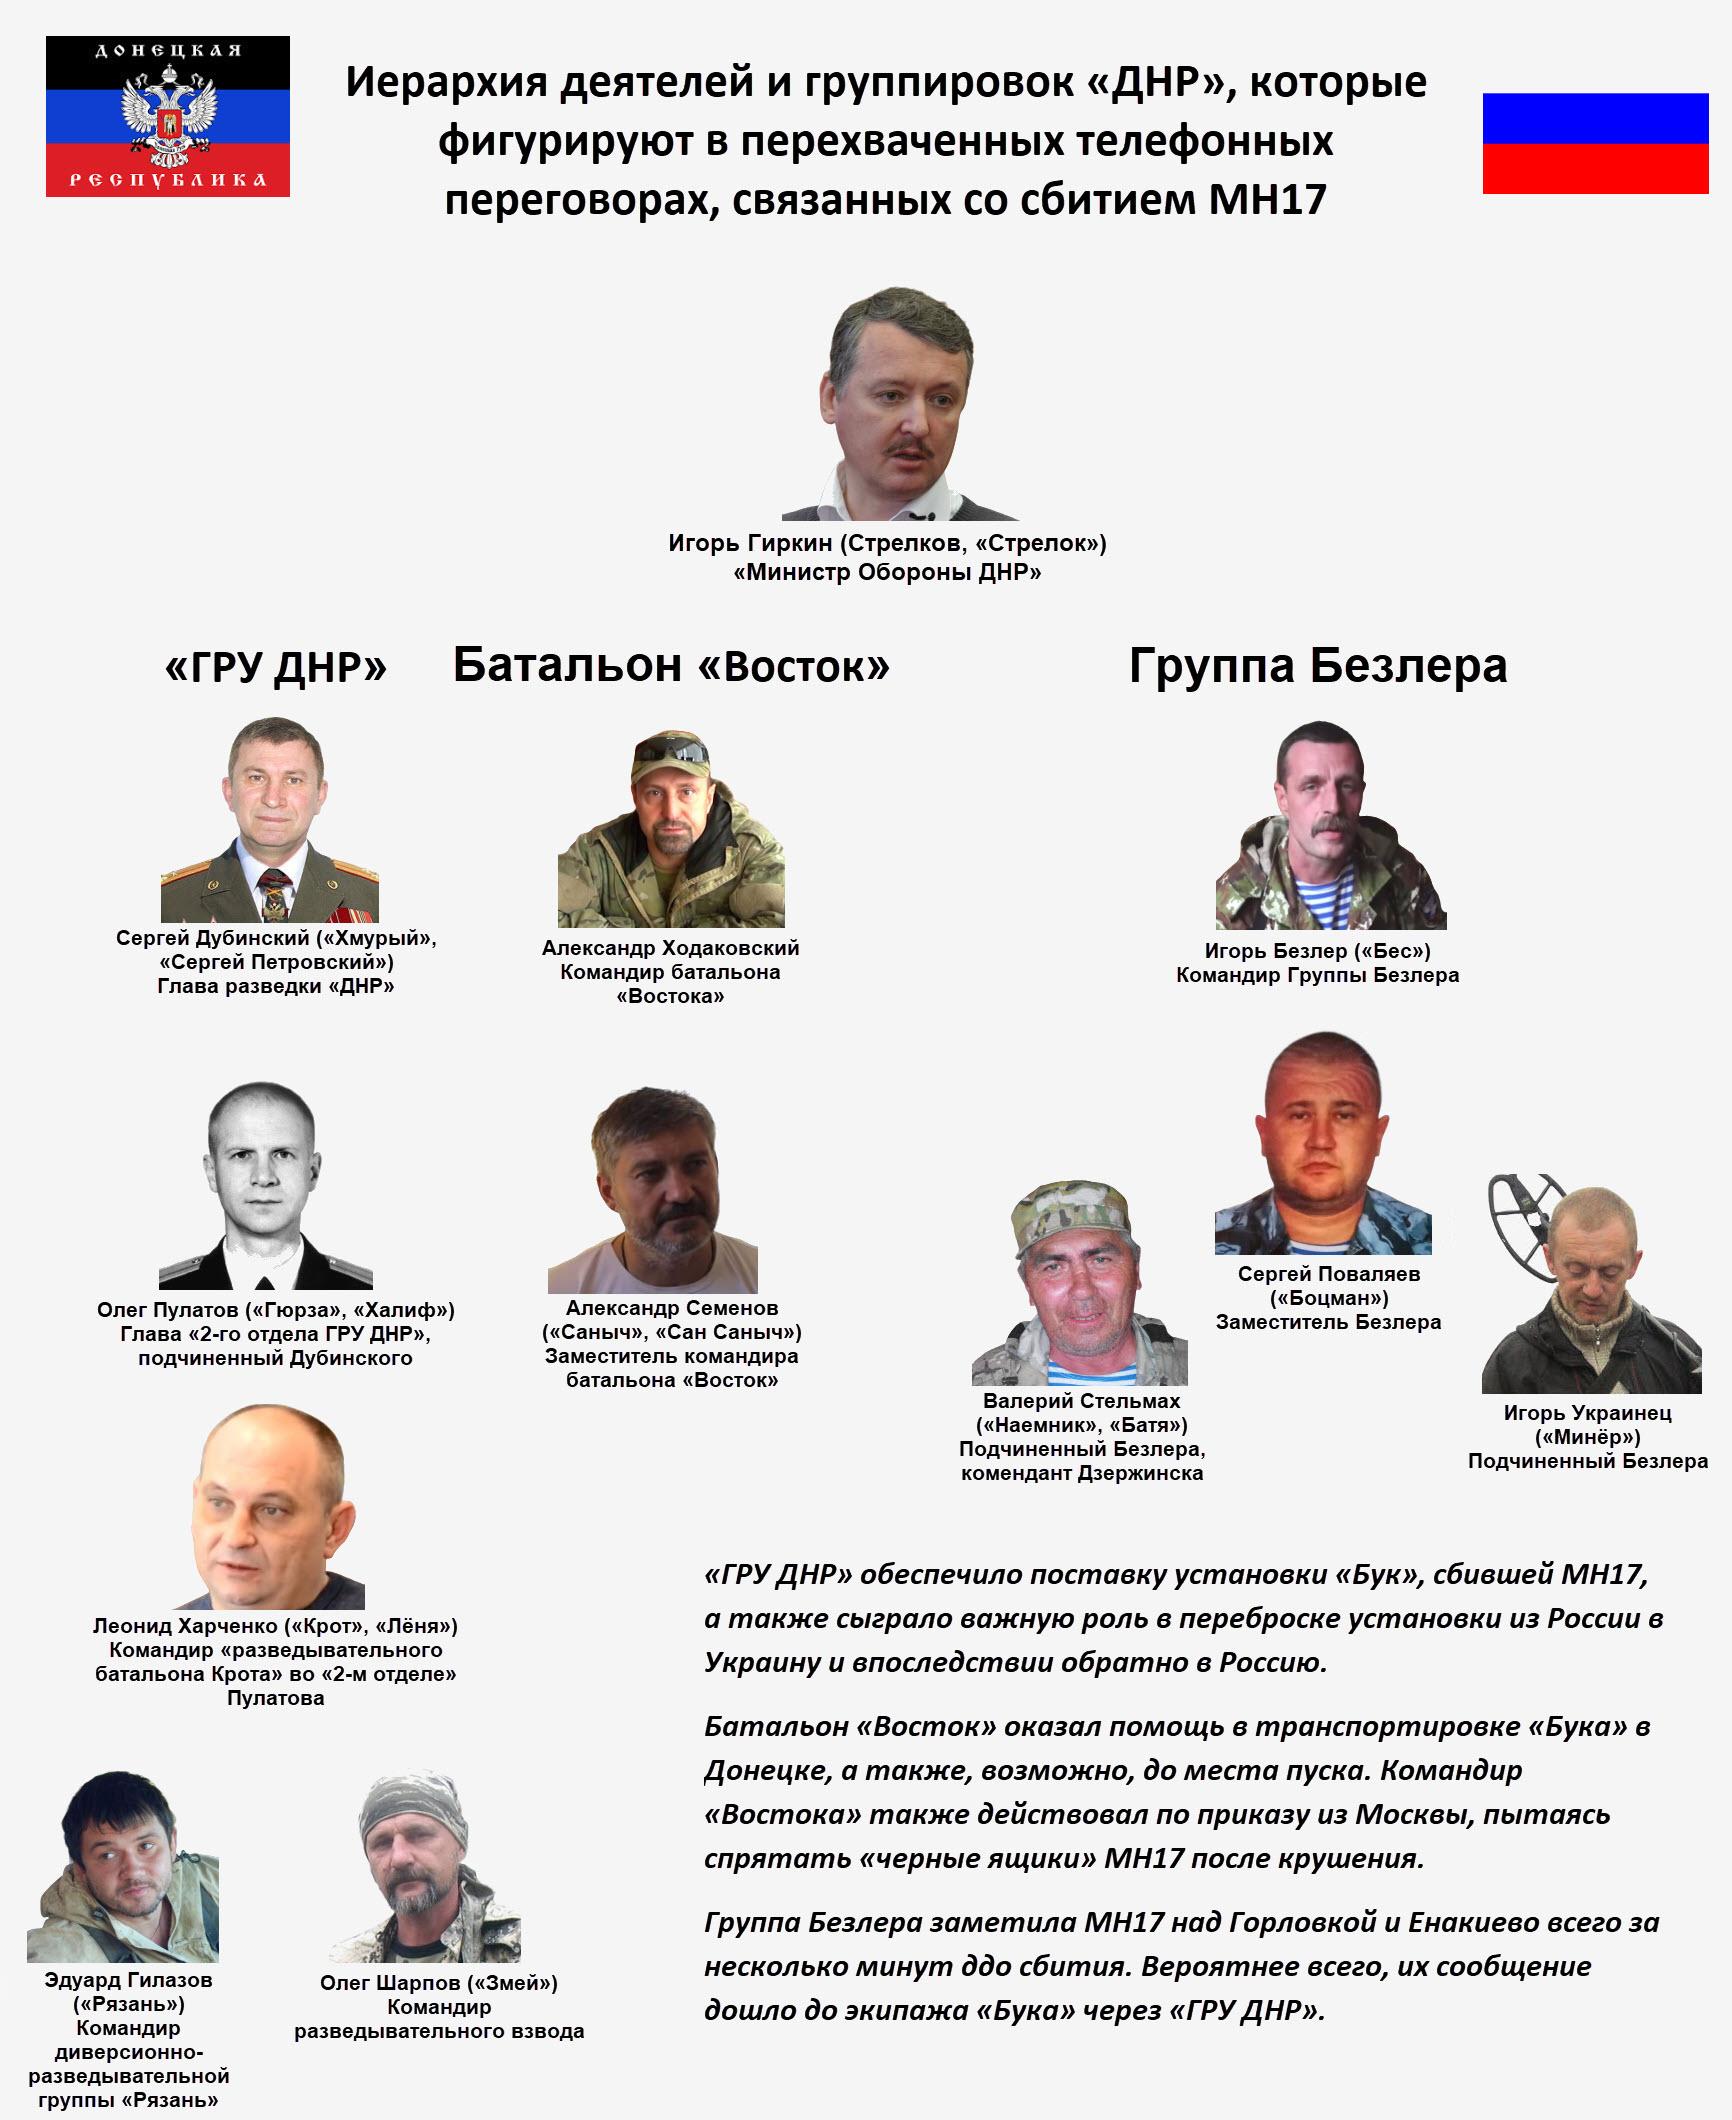 Четырем фигурантам дела о крушении «Боинга» на востоке Украины предъявили обвинение